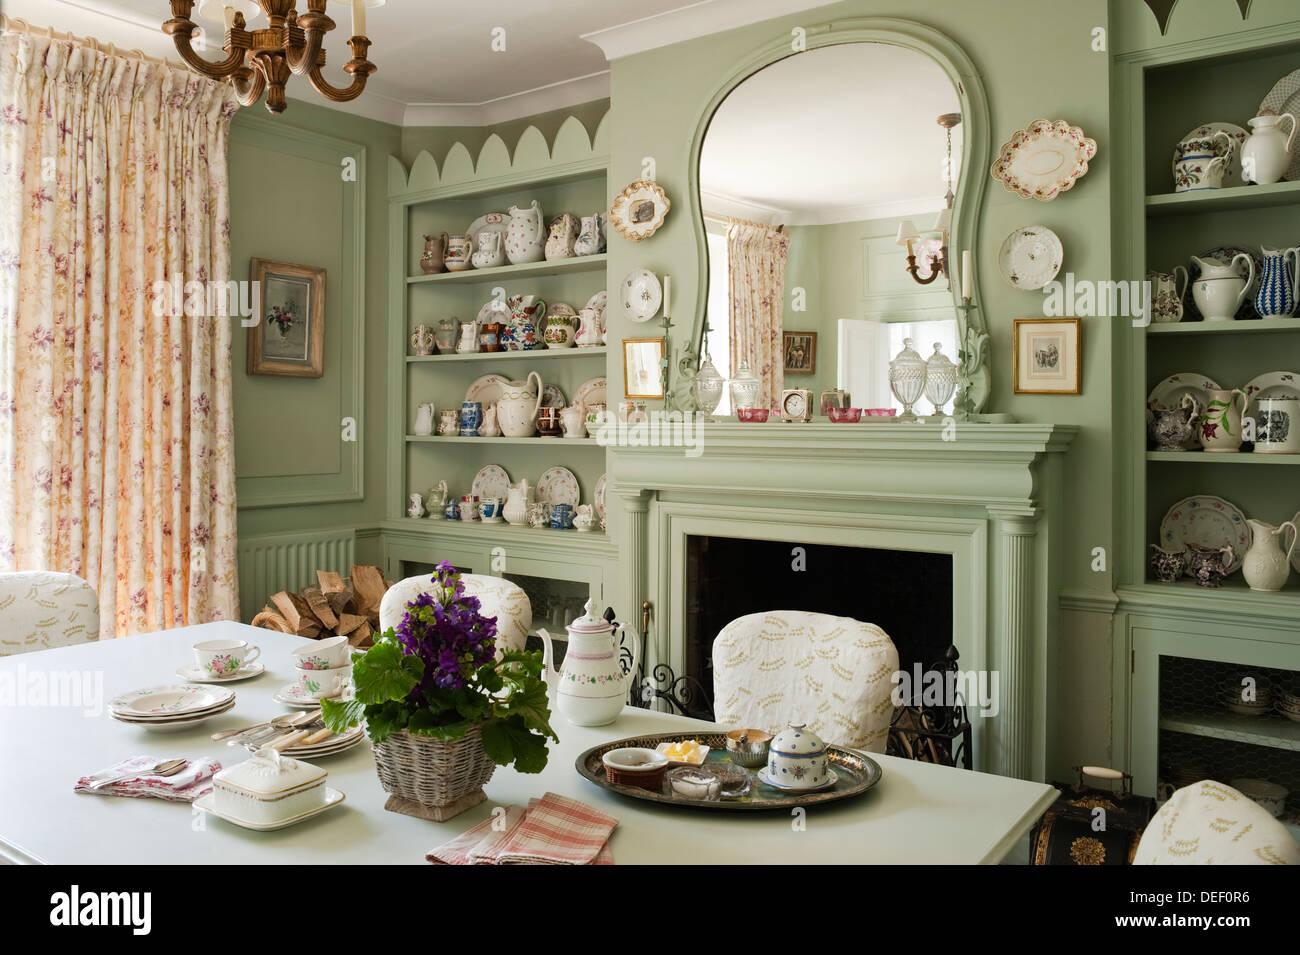 Country house la sala da pranzo con pottert raccolta su scaffalature incavata dipinta in verde pastello Immagini Stock